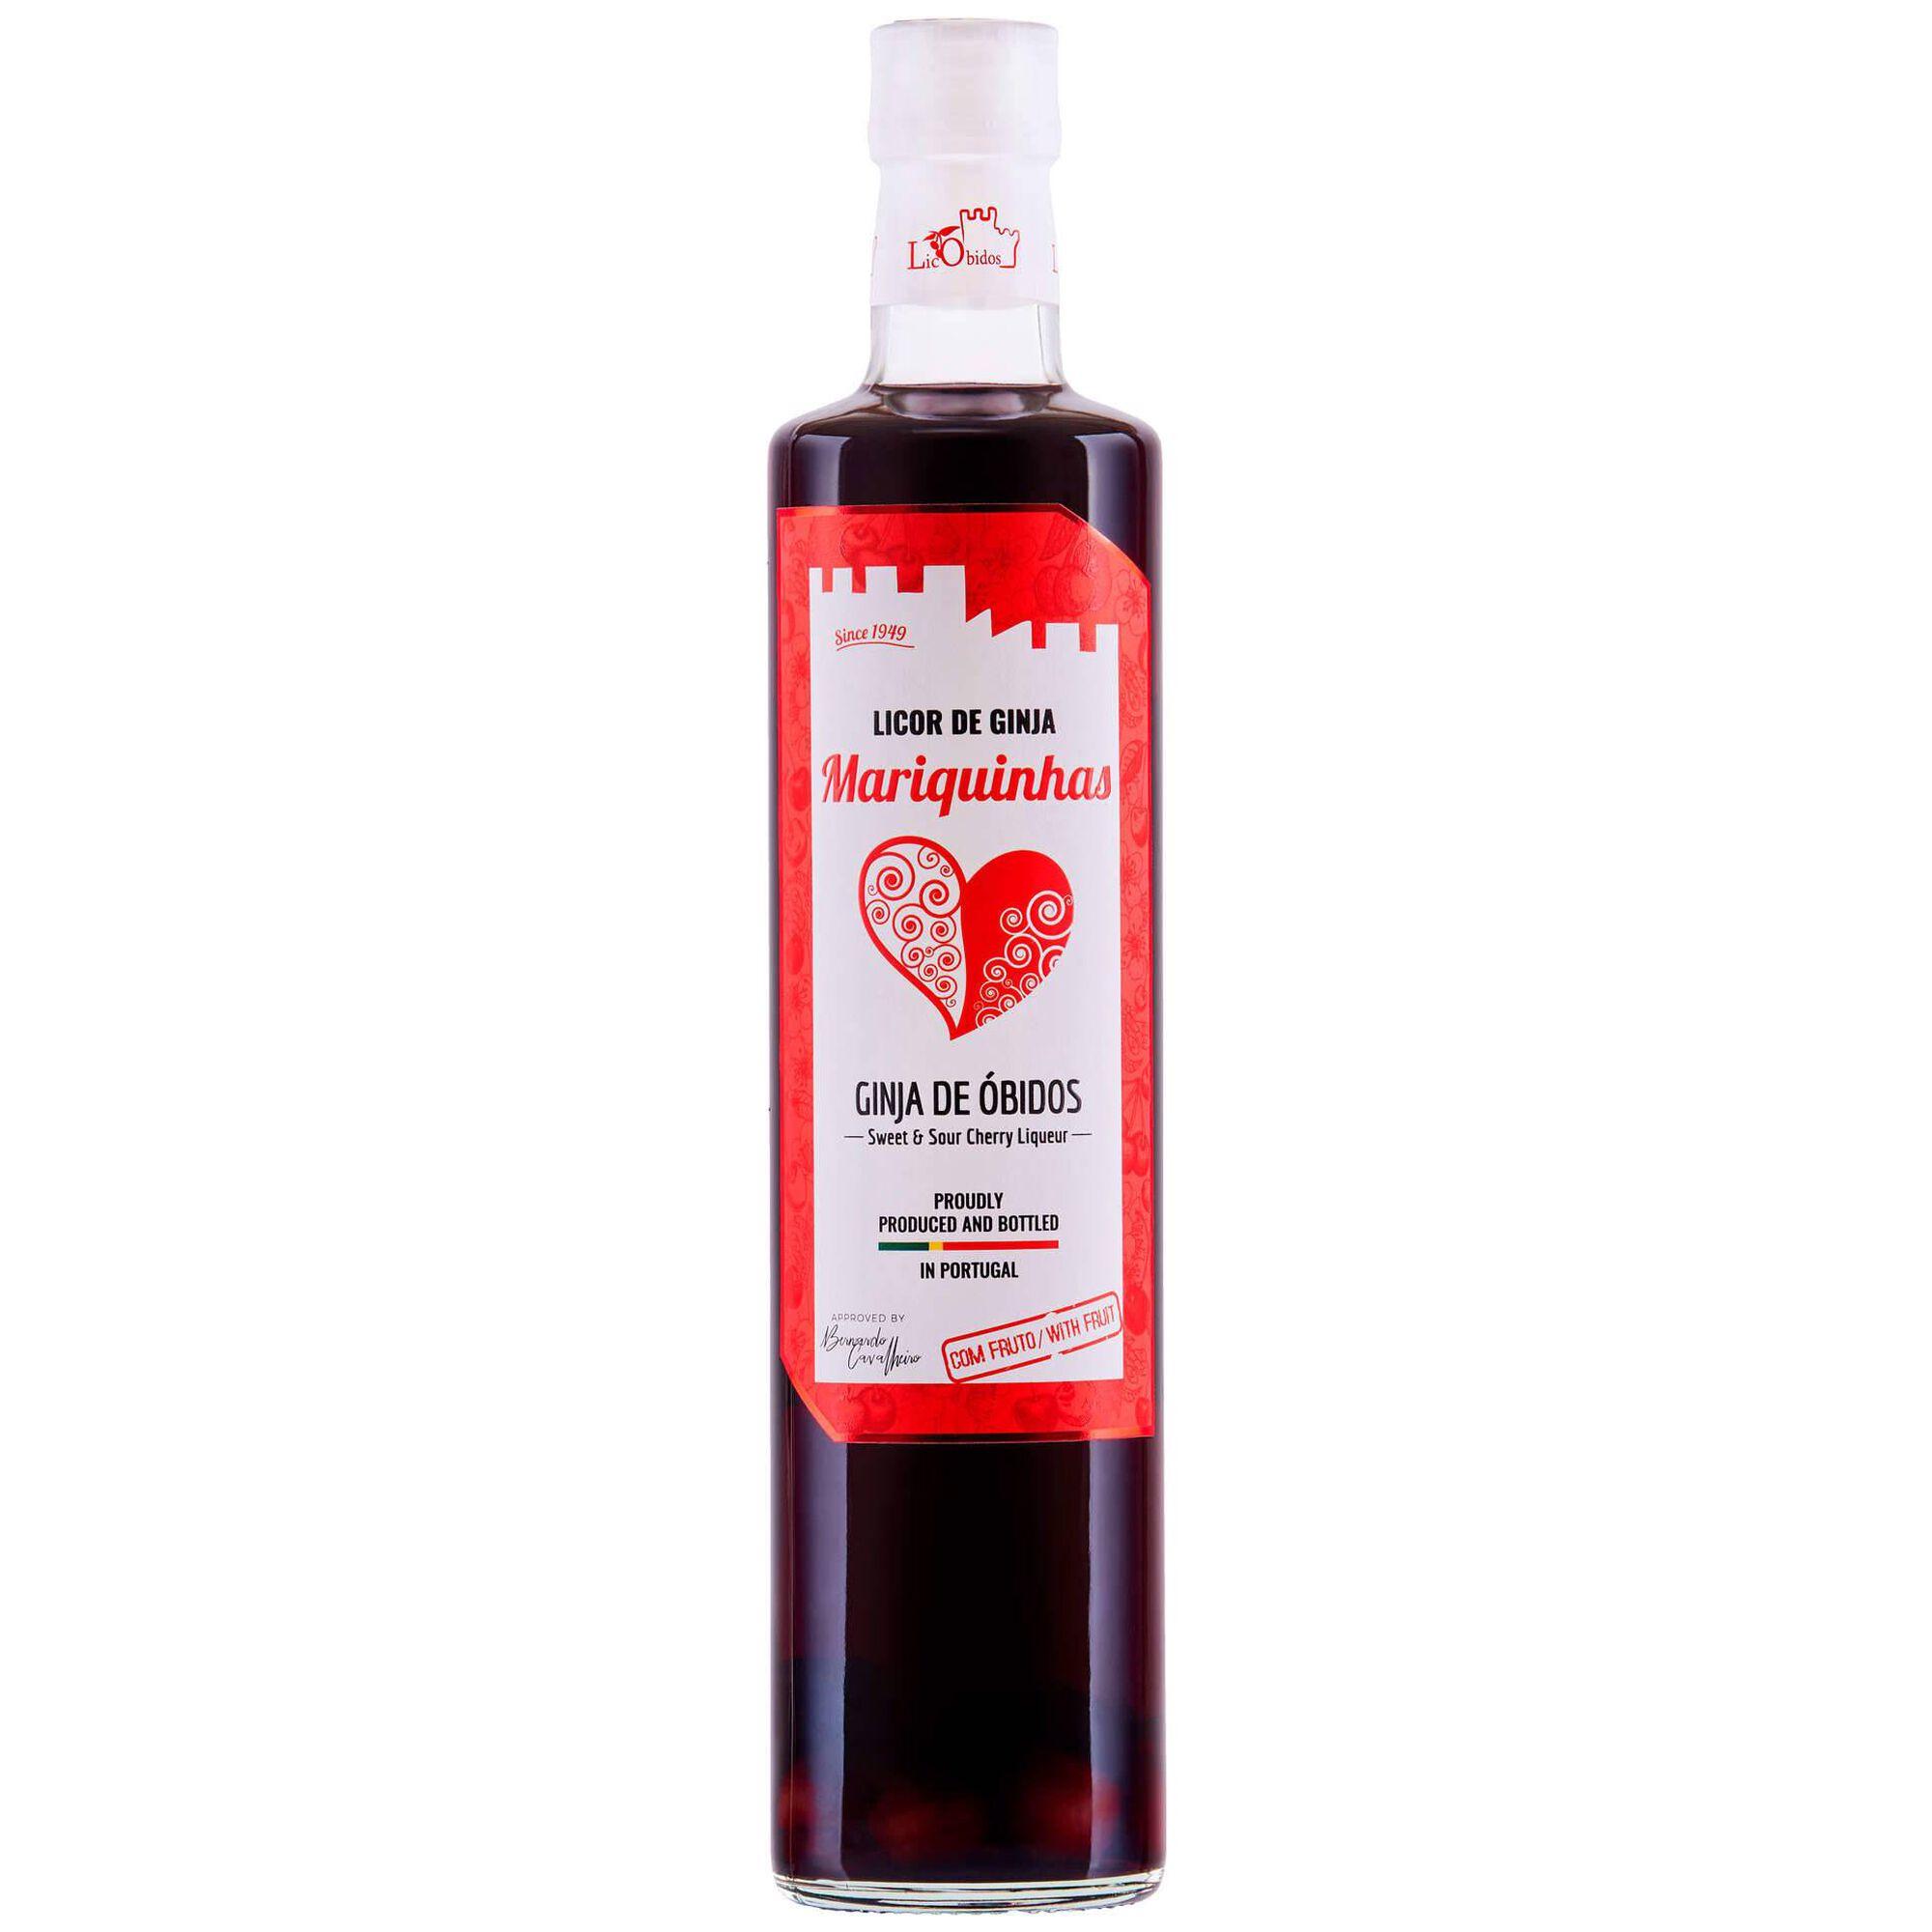 Licor de Ginja de Óbidos com Fruto Mariquinhas